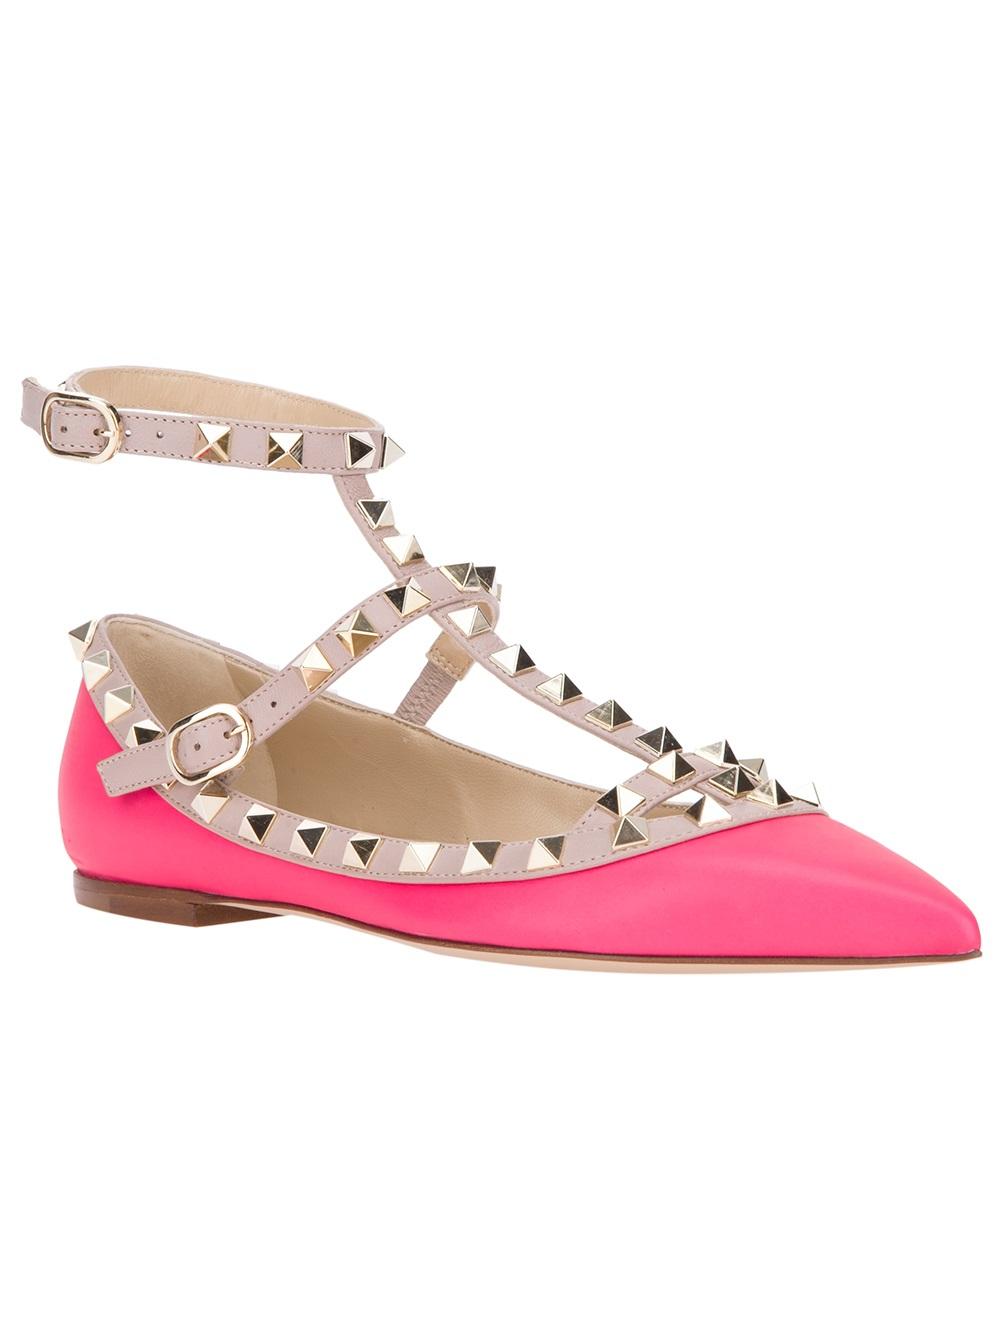 72a3e91561f4 Lyst - Valentino Rockstud Ballerina Flat in Pink